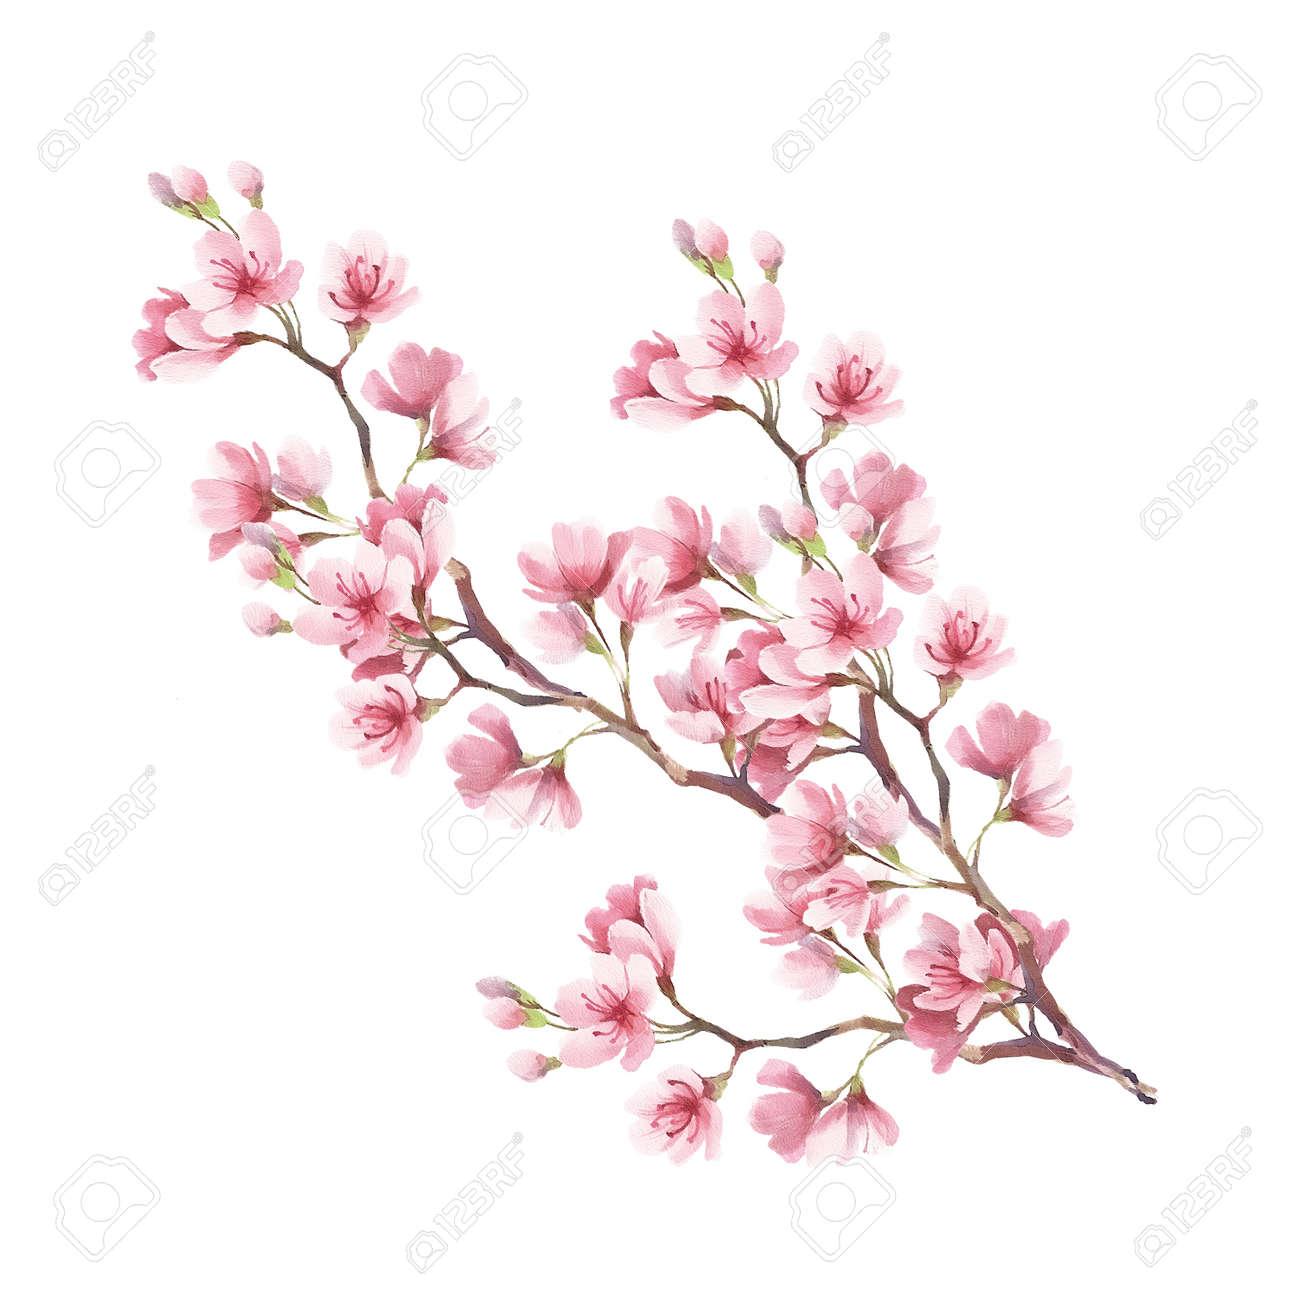 Branche De Fleurs De Cerisier Dessin A La Main De L Aquarelle Banque D Images Et Photos Libres De Droits Image 73659265